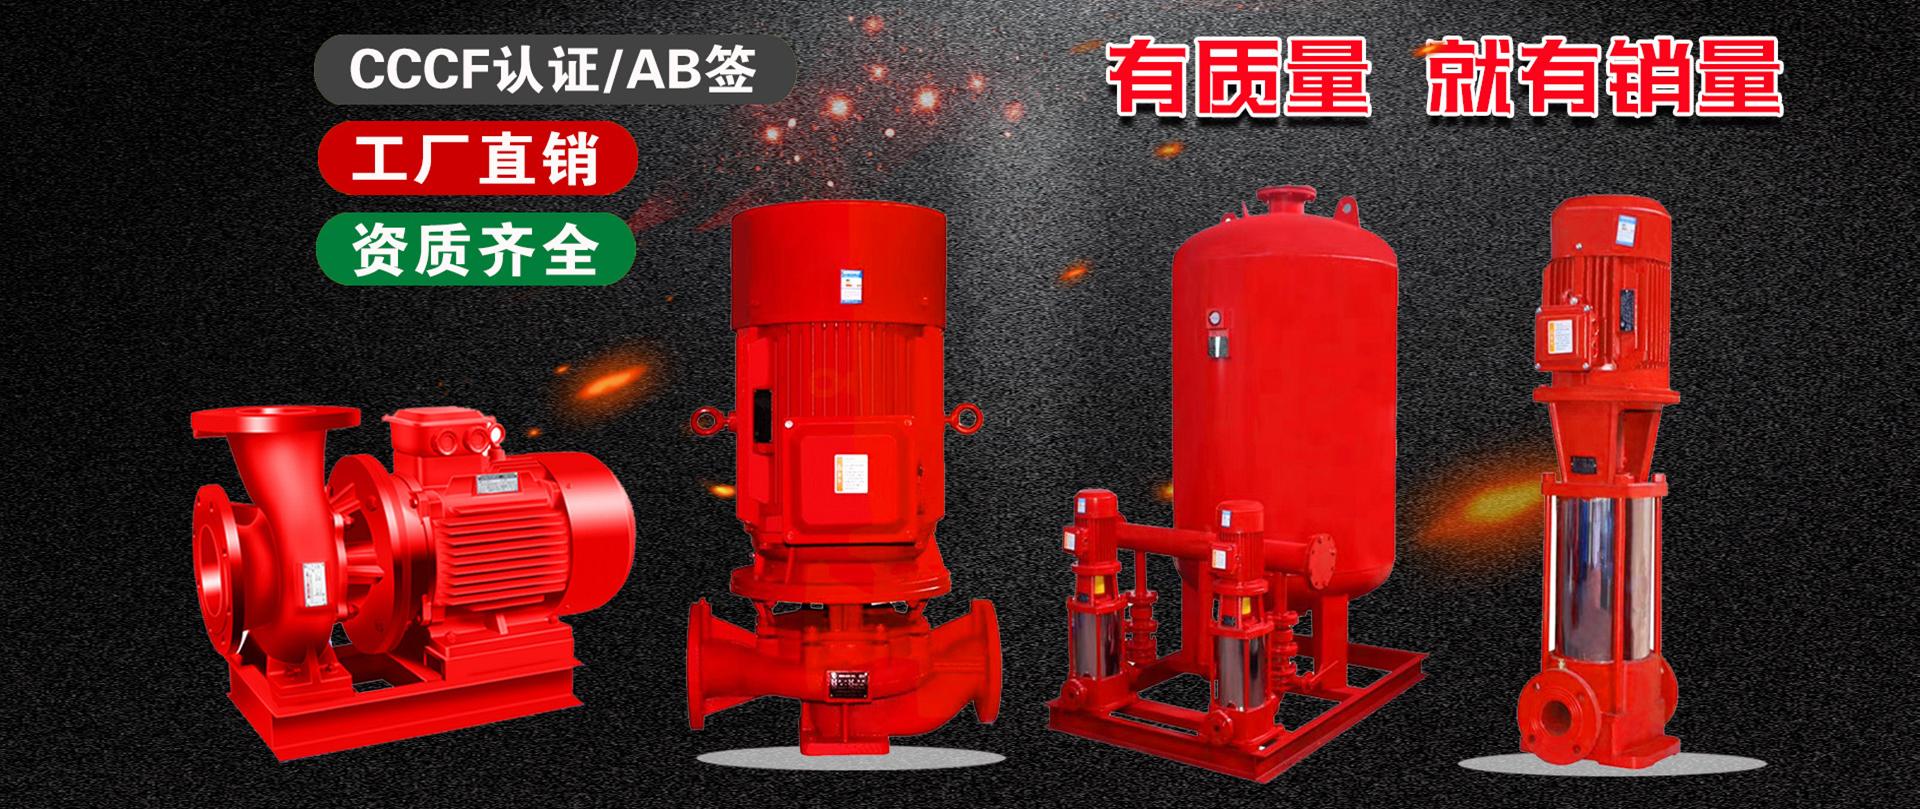 西安硕工机电设备有限公司